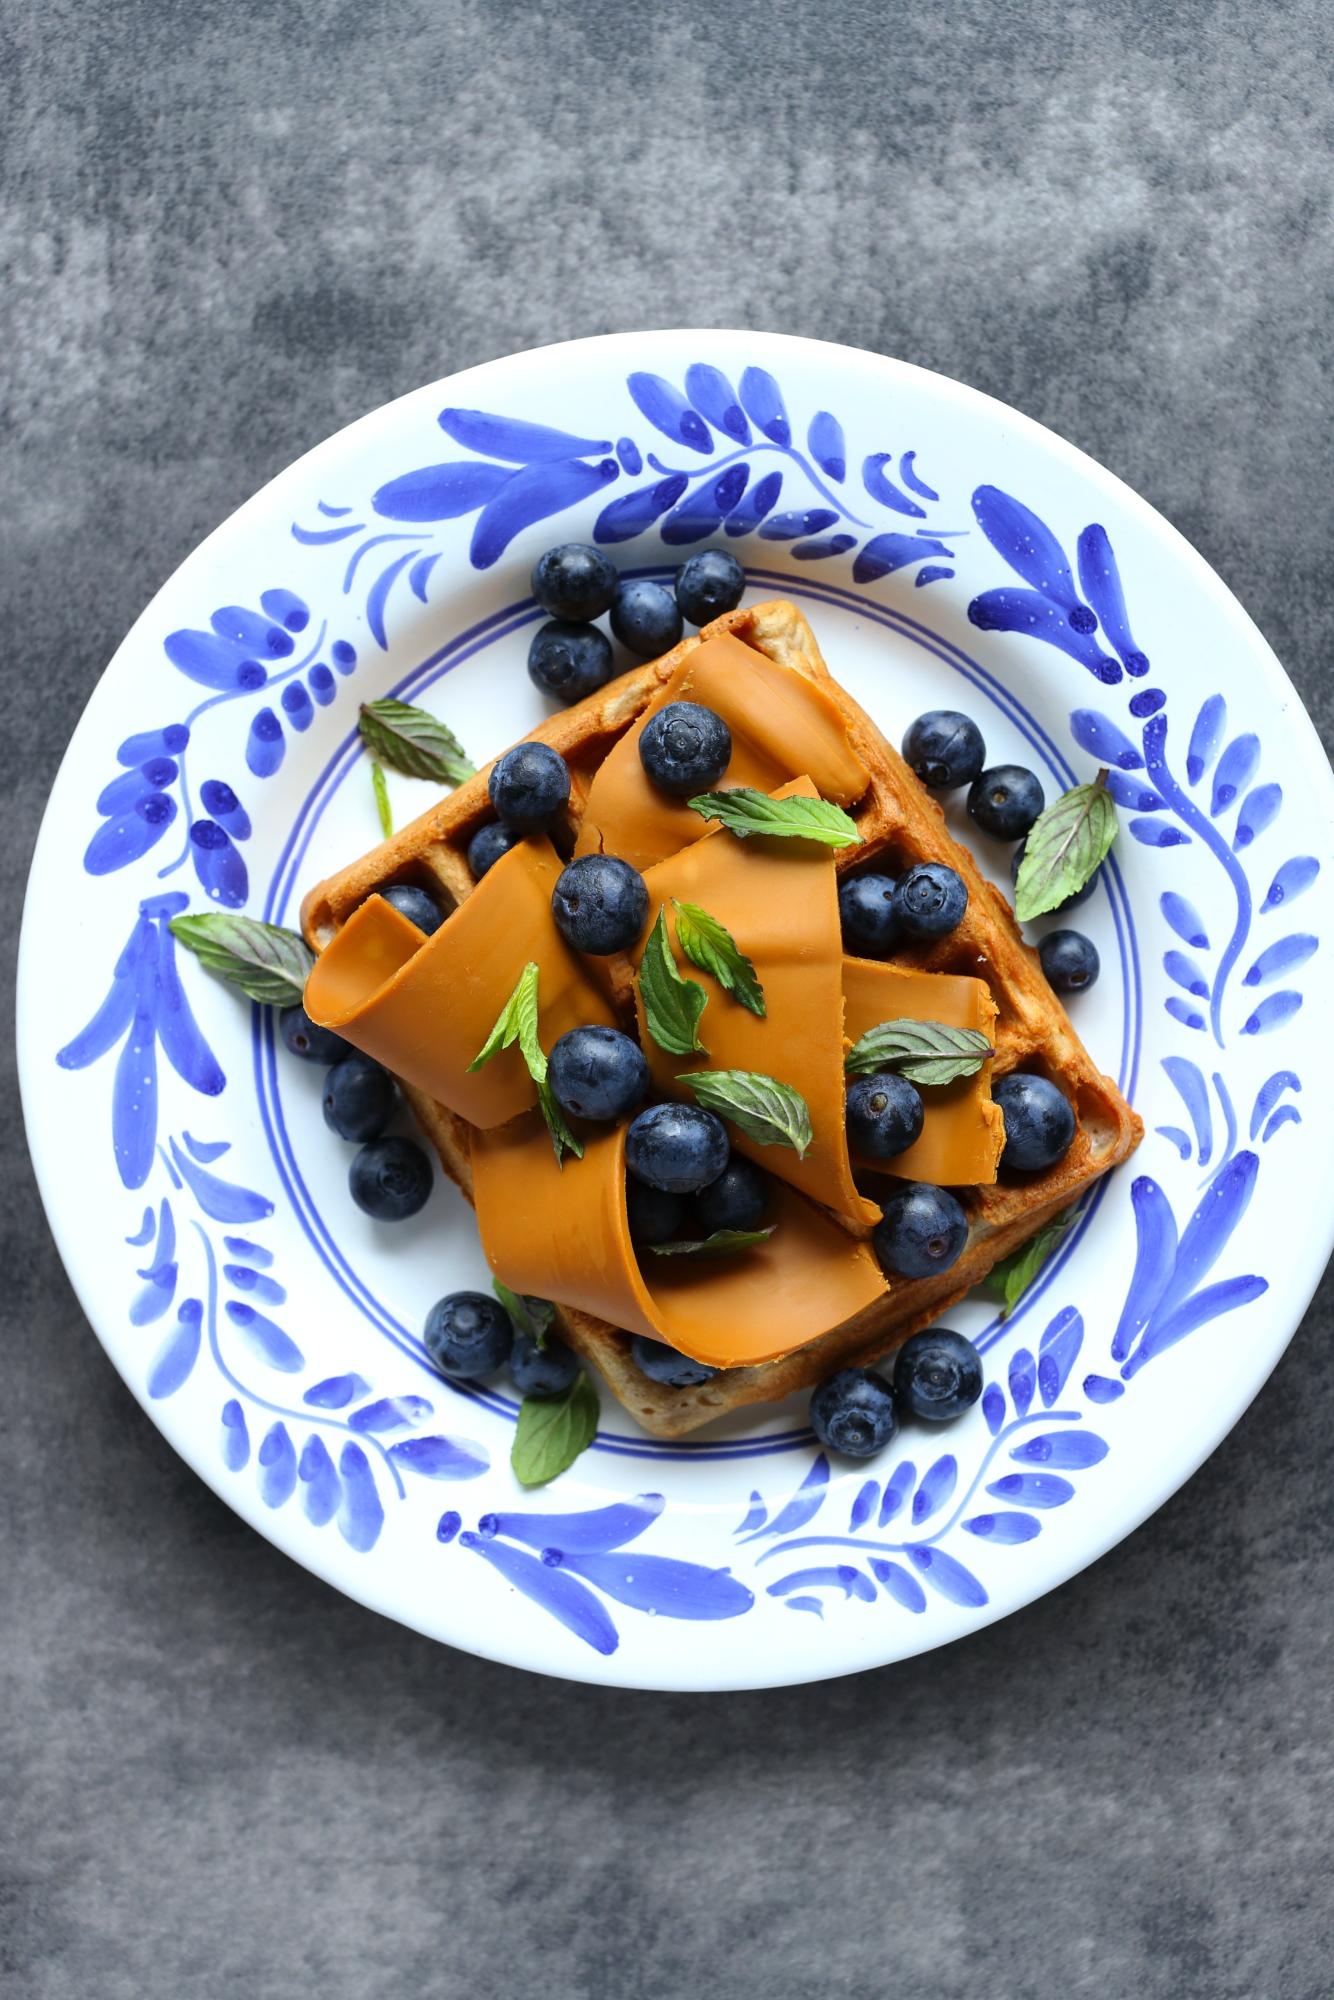 Gofry kasztanowe z brunostem i borówkami